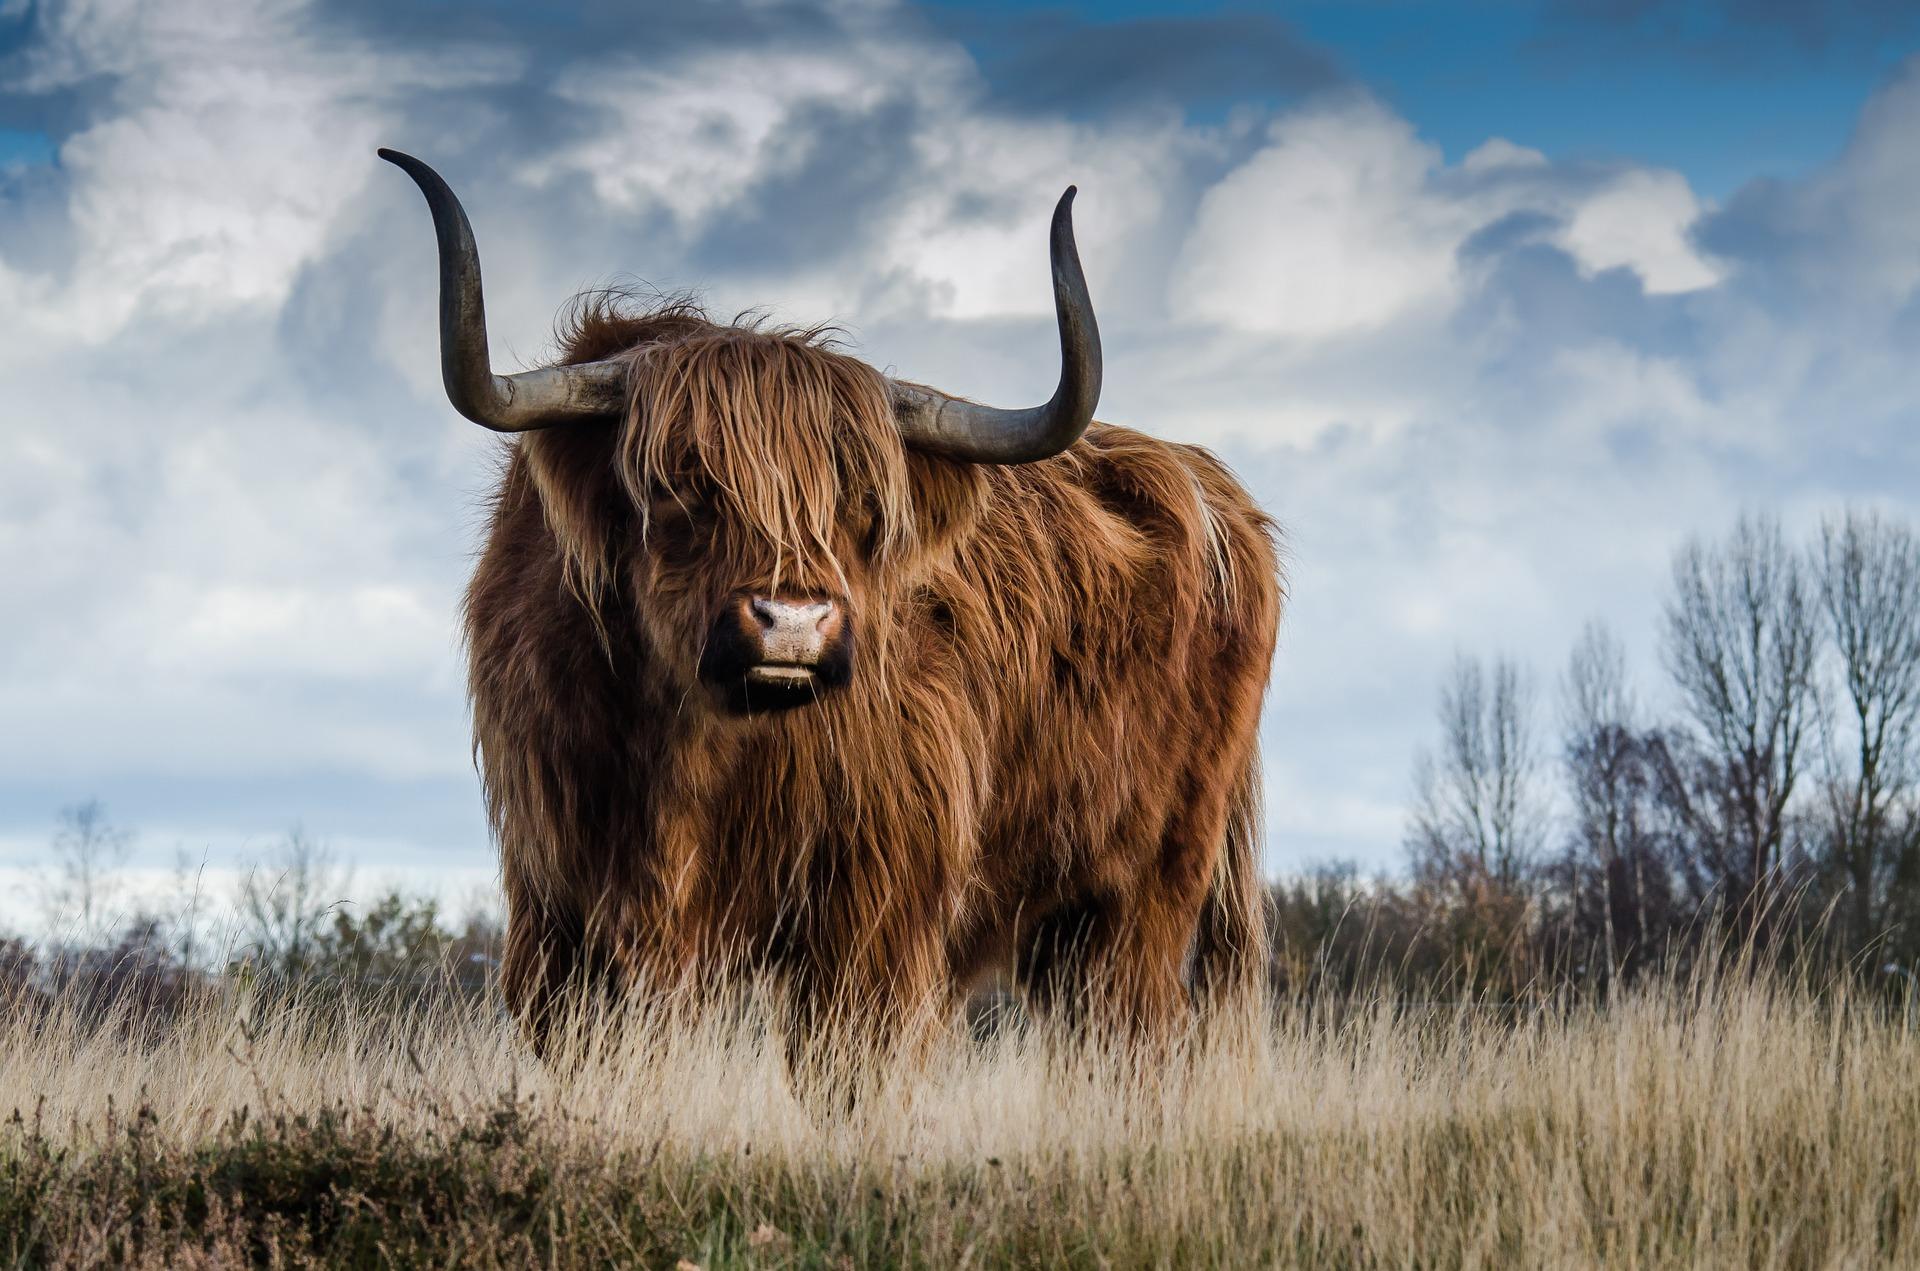 Toro, chifres, gado, fazenda, nuvens - Papéis de parede HD - Professor-falken.com